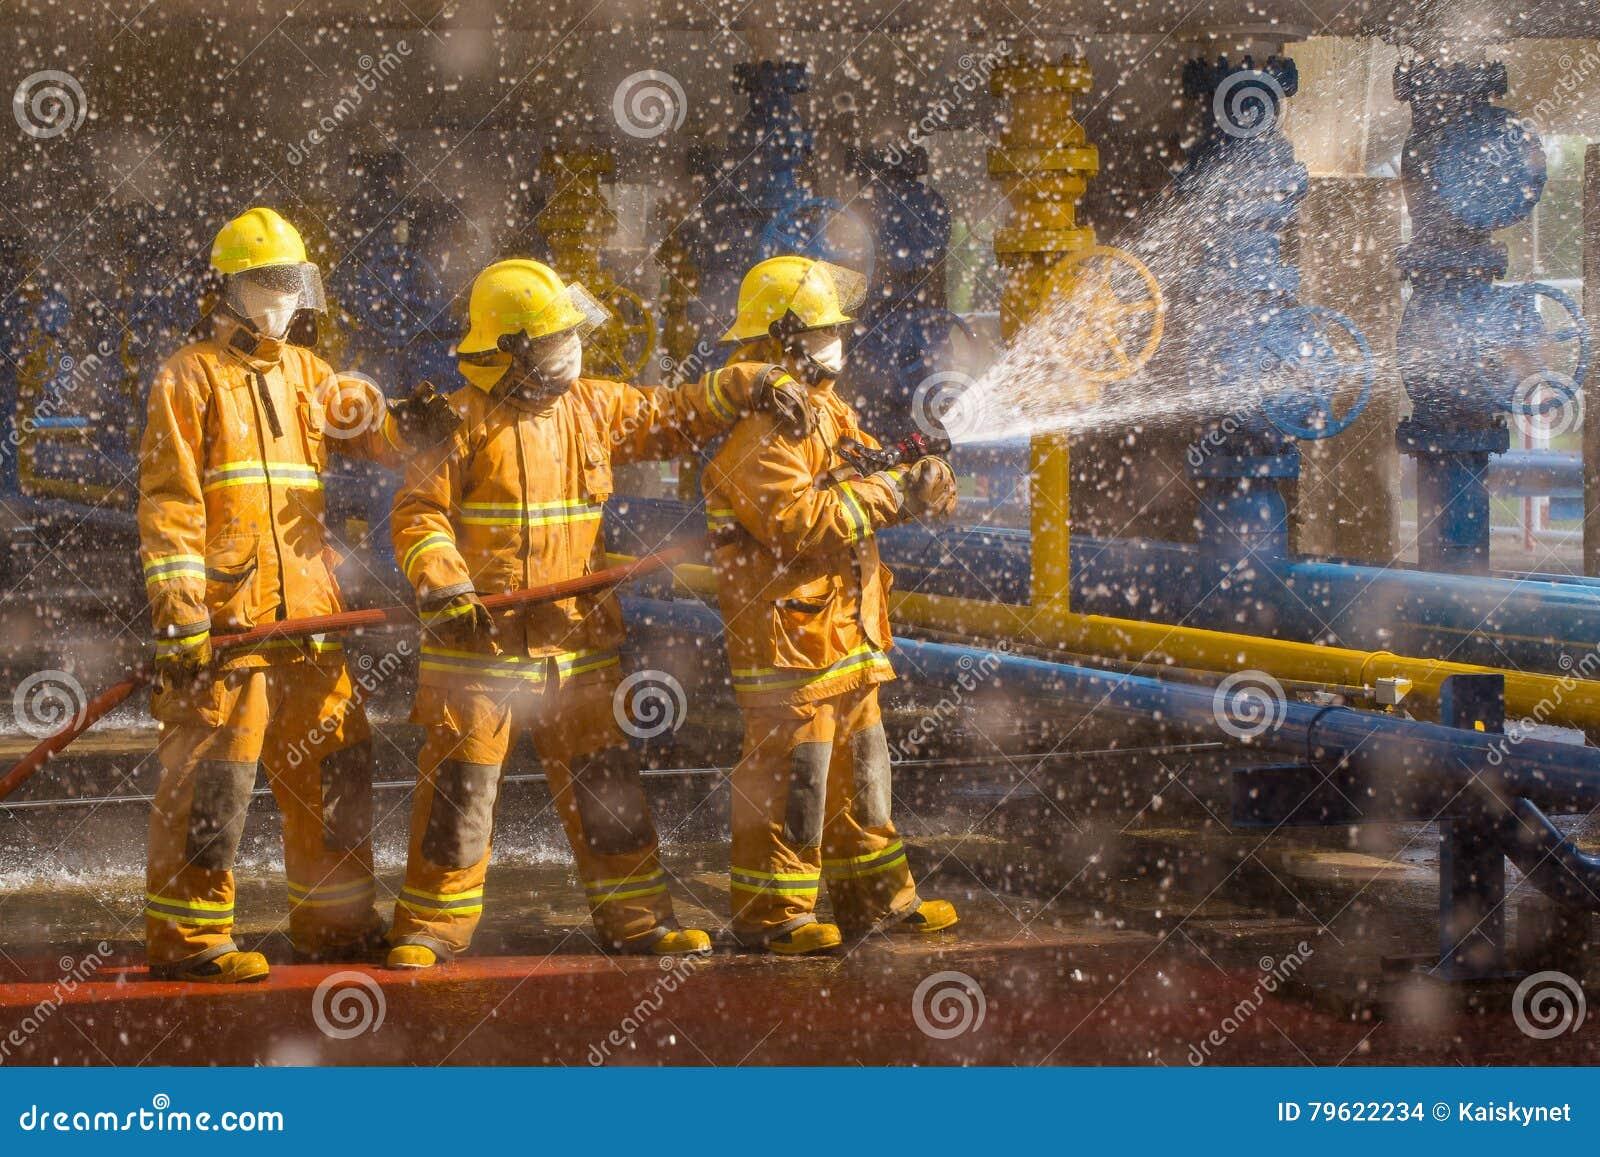 Les sapeurs-pompiers s exerçant, premier plan est baisse de baisse Spr de l eau